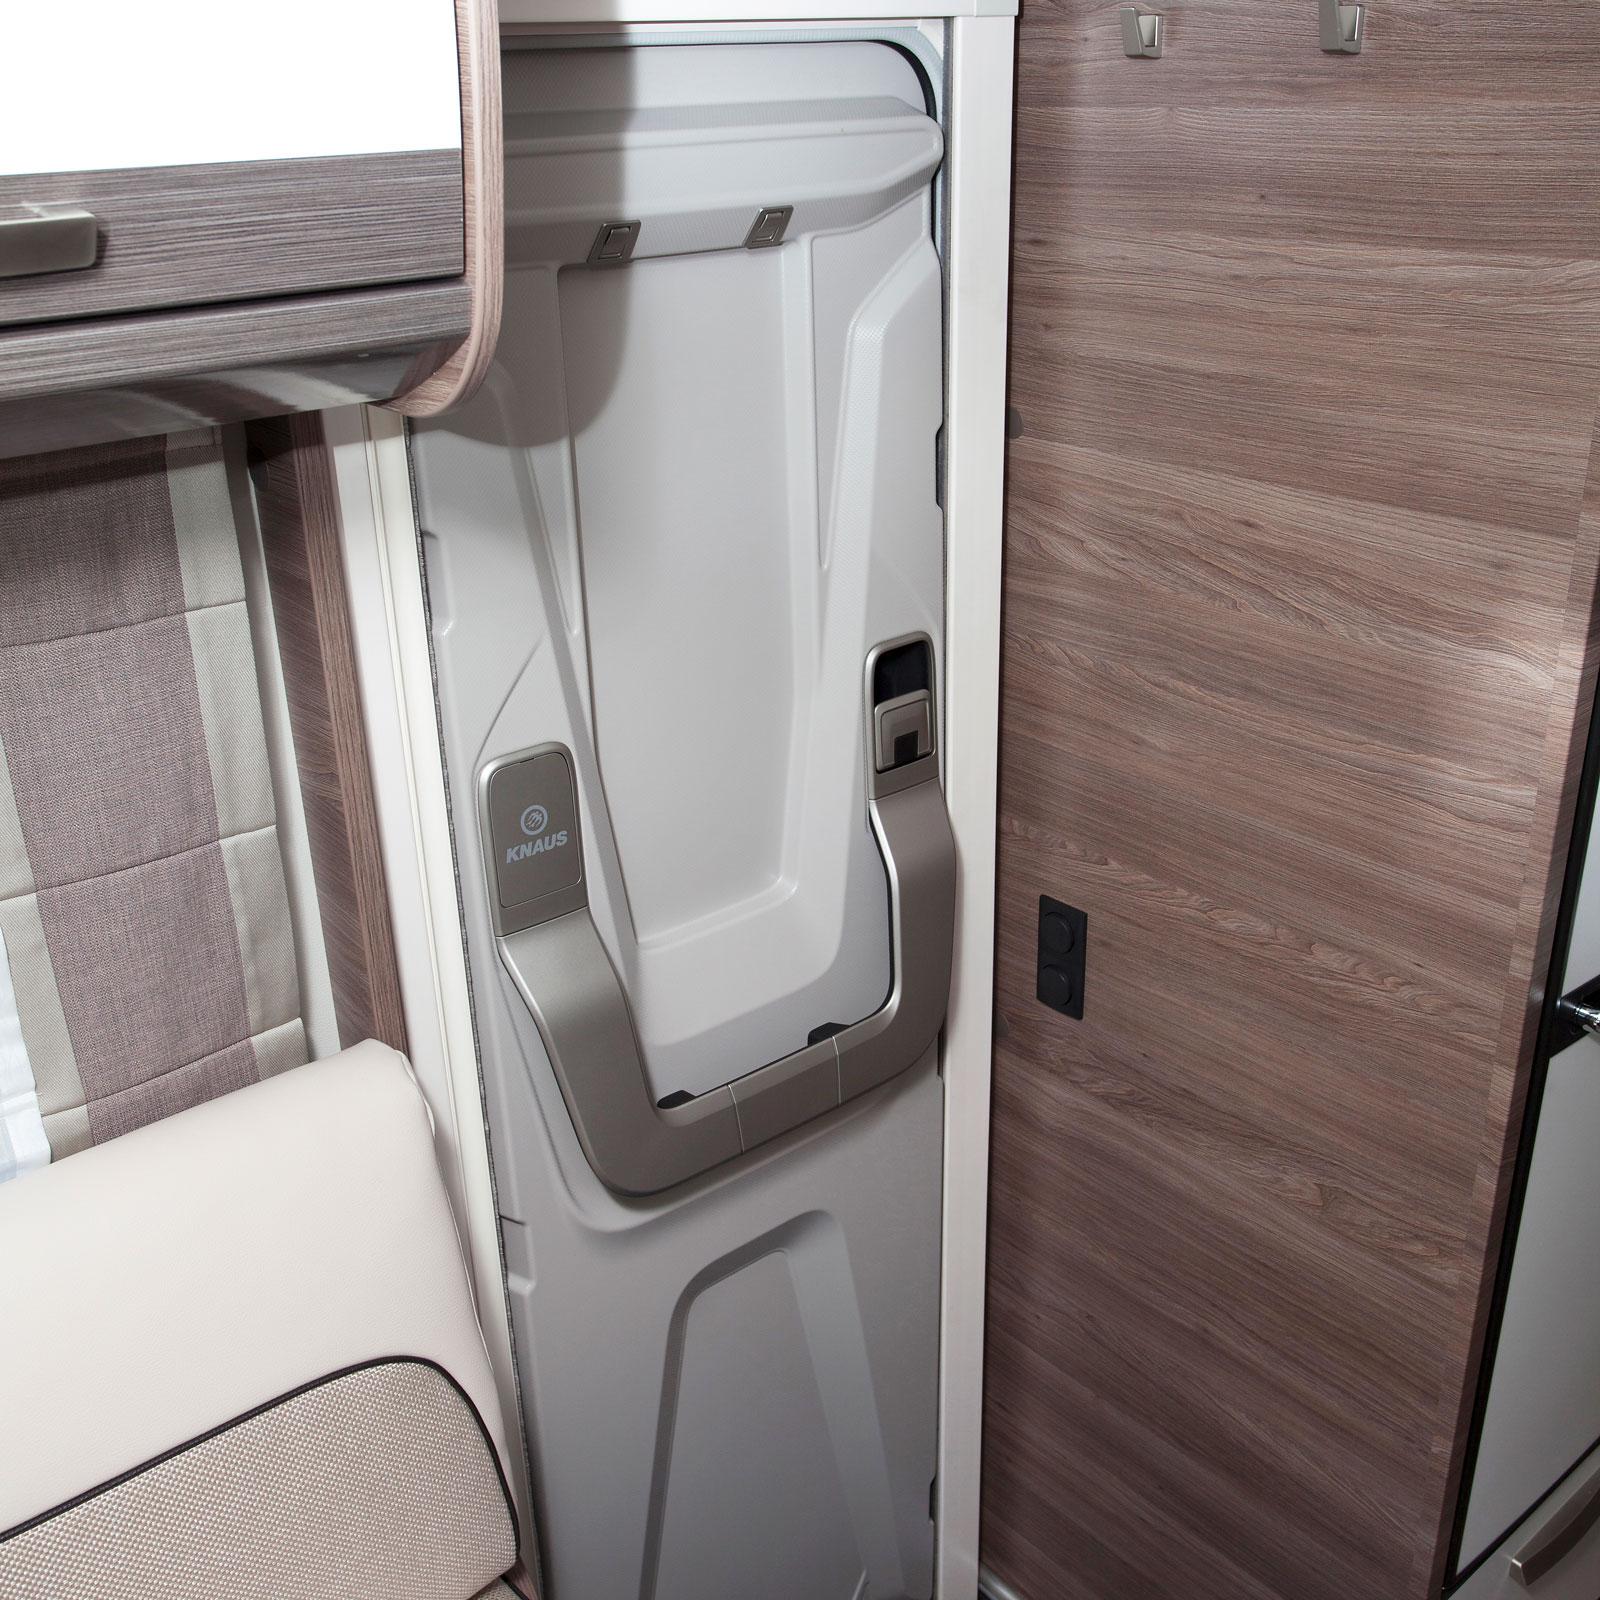 Den luftburna värmen styrs liksom den elektroniska golvvärmen och belysningen via enkla paneler ovanför bodelsdörren. Modellen är även utrustad med Truma iNet för styrning via telefonen.